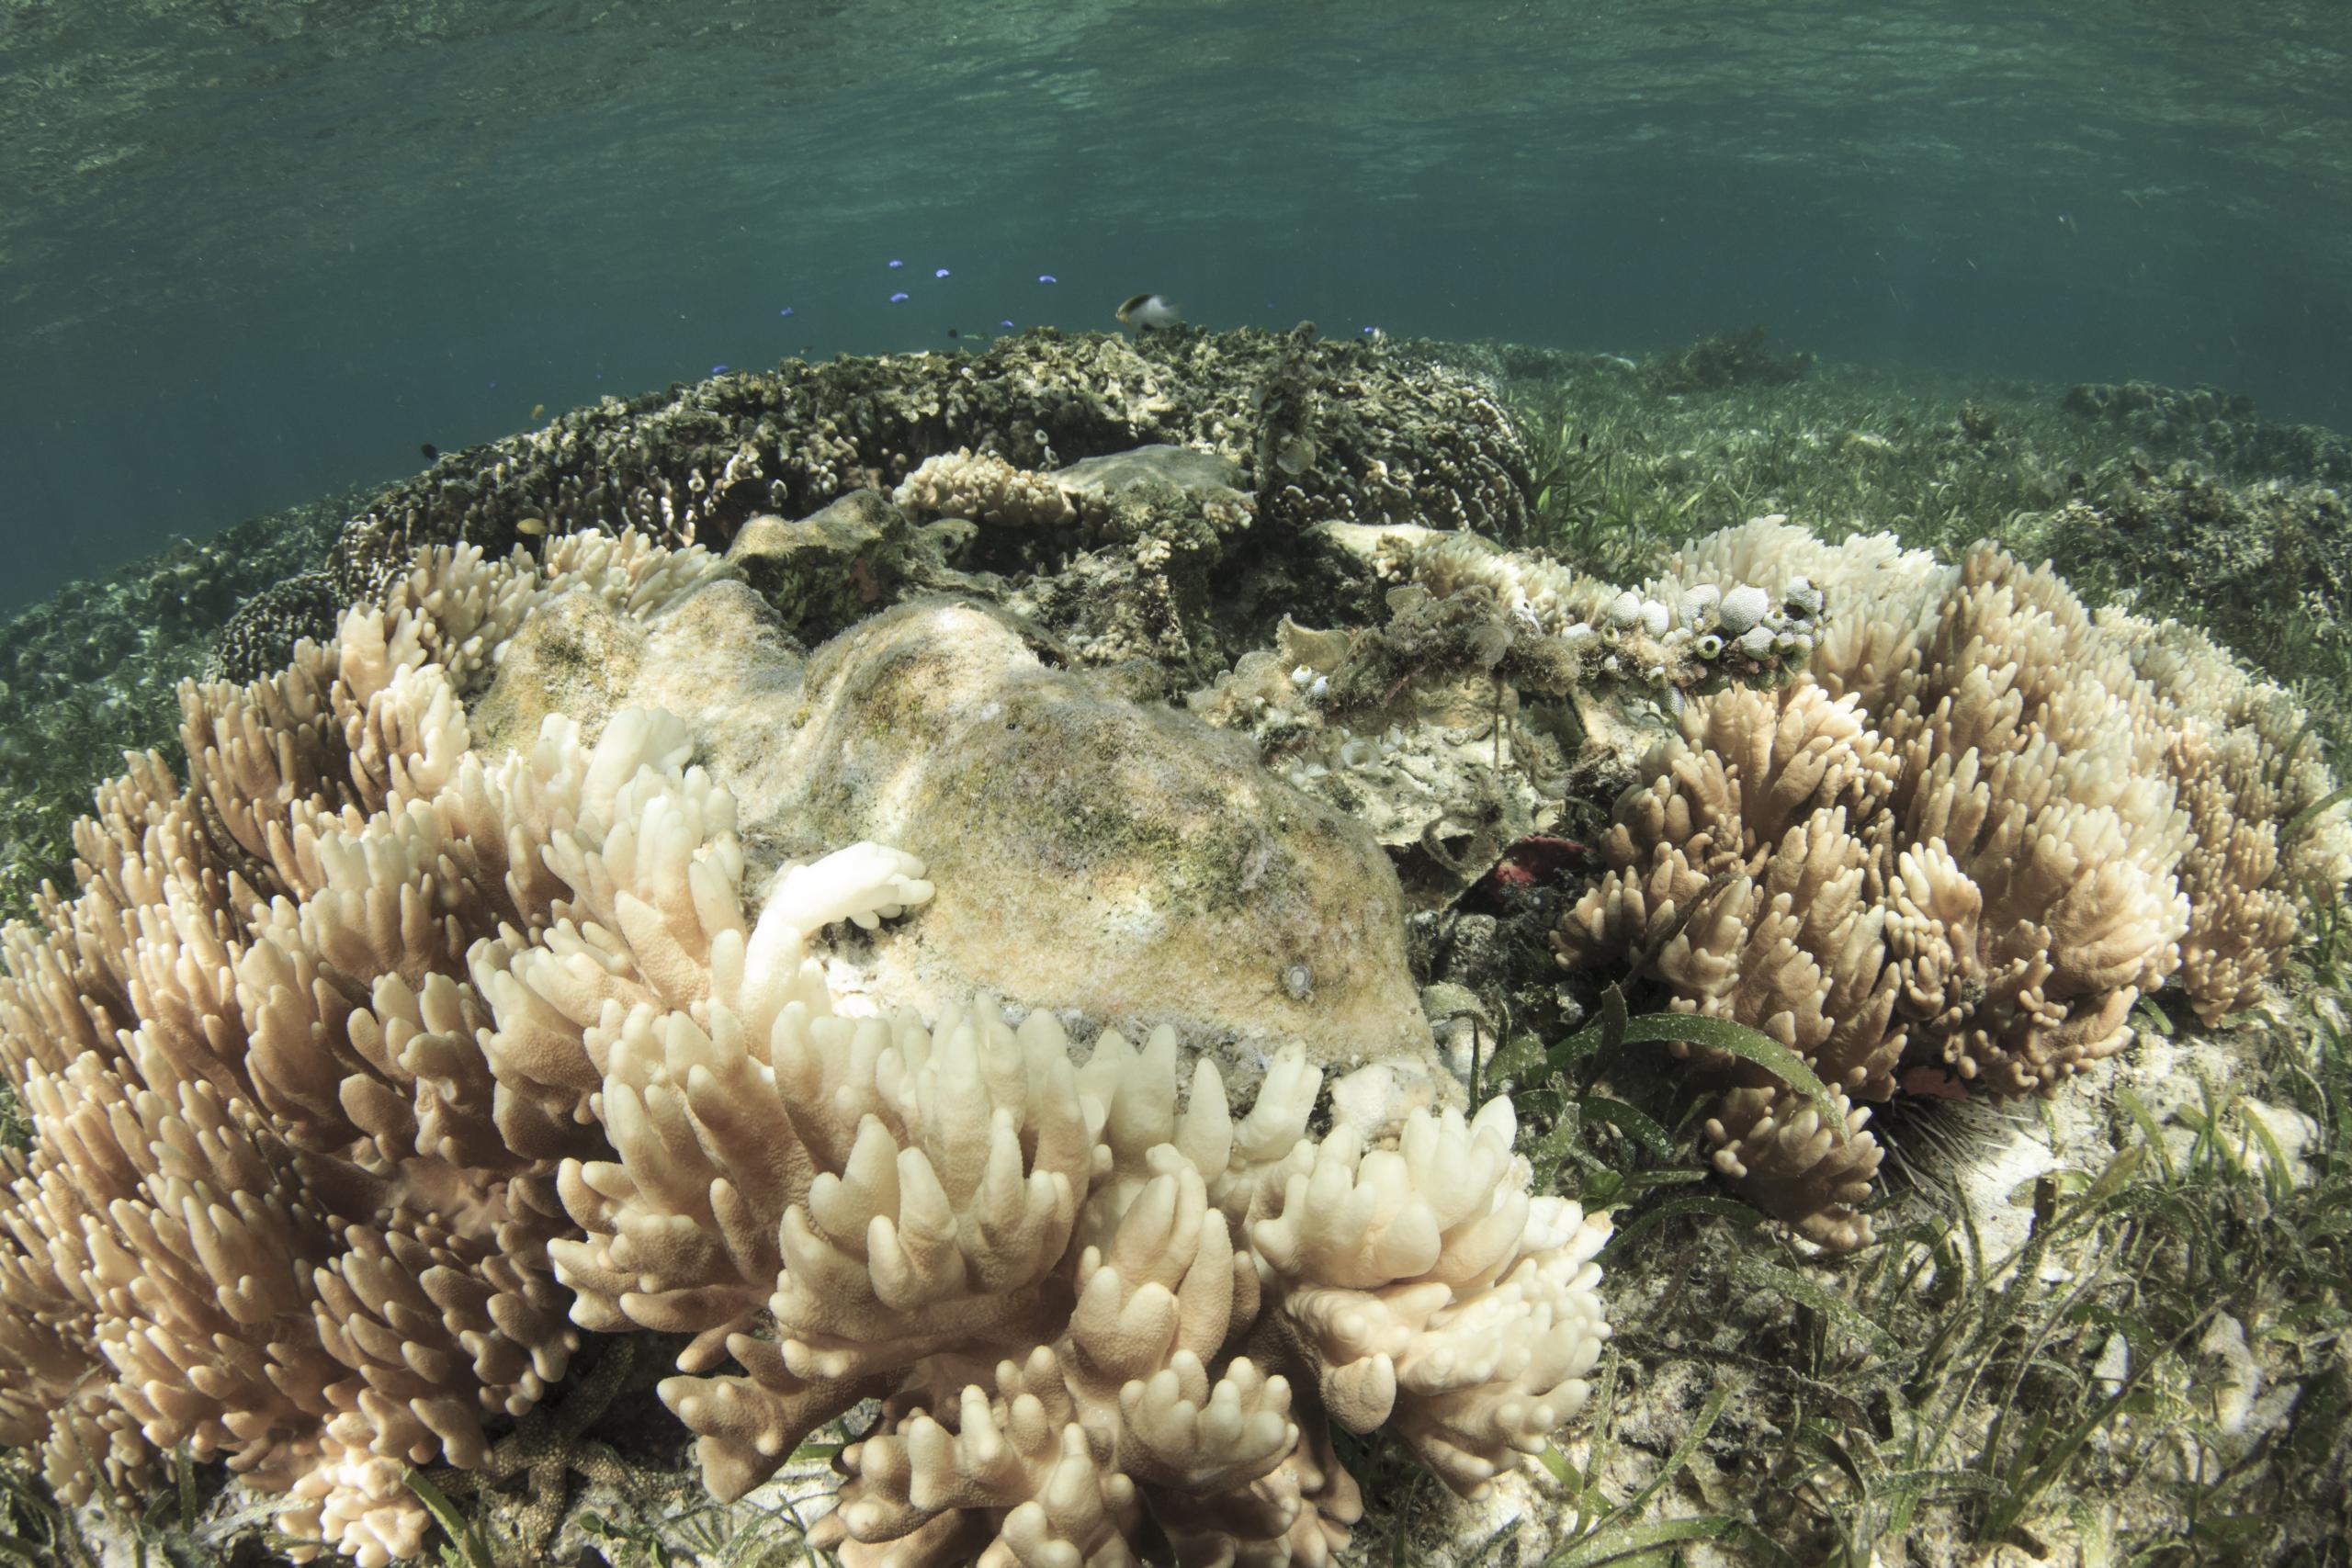 Модифицированные микроводоросли помогут защитить кораллы от массового обесцвечивания из-за изменений климата